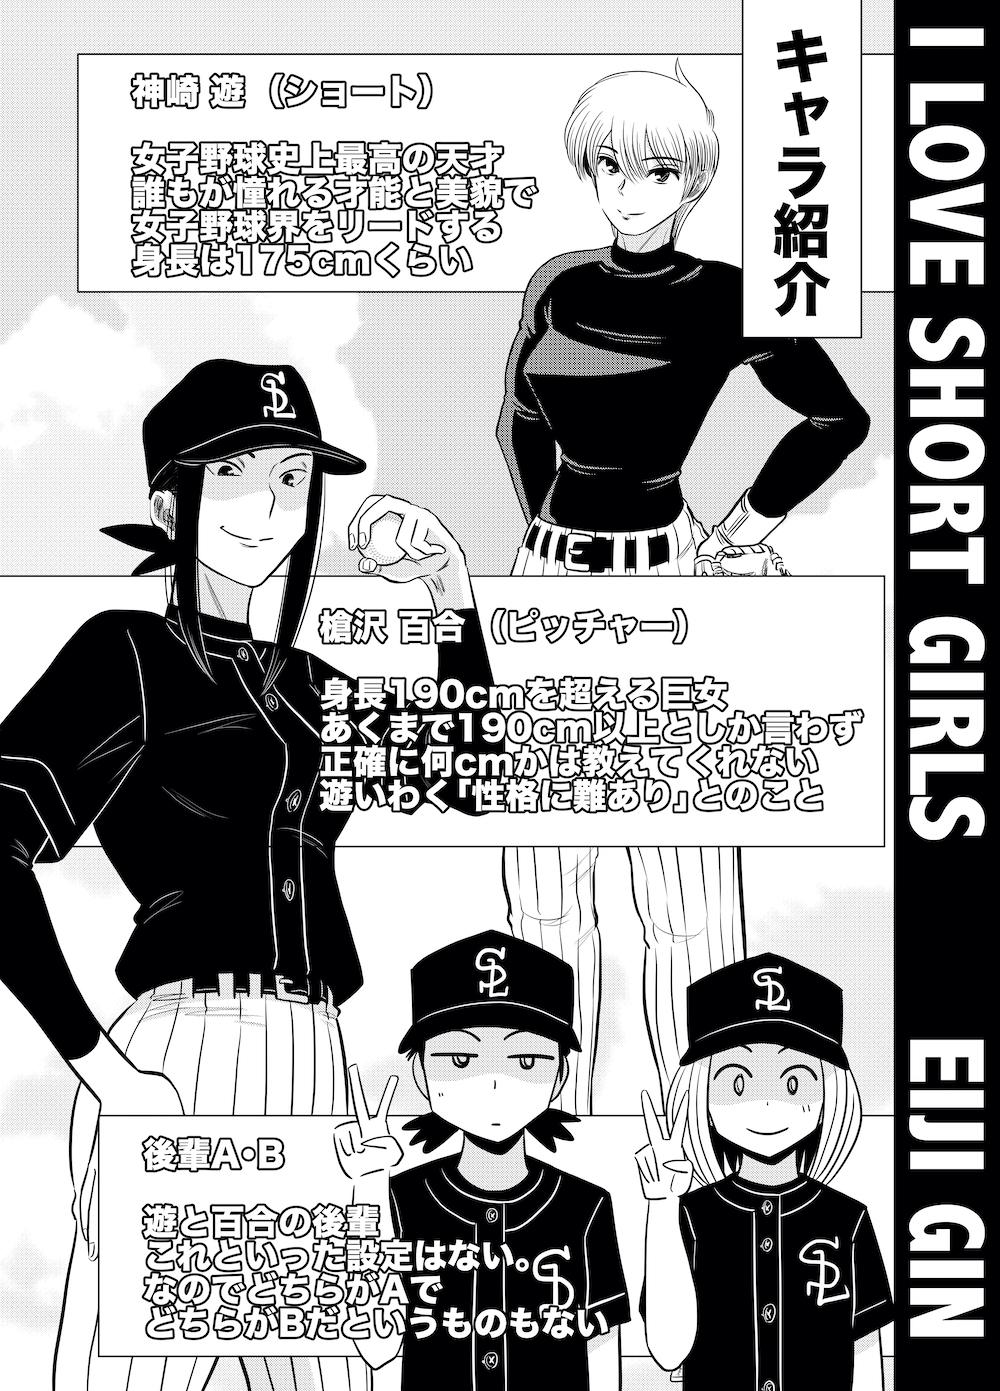 【スポーツ女子×百合】ショートの女の子が好きだ!!!!!!(後攻)のサンプル画像